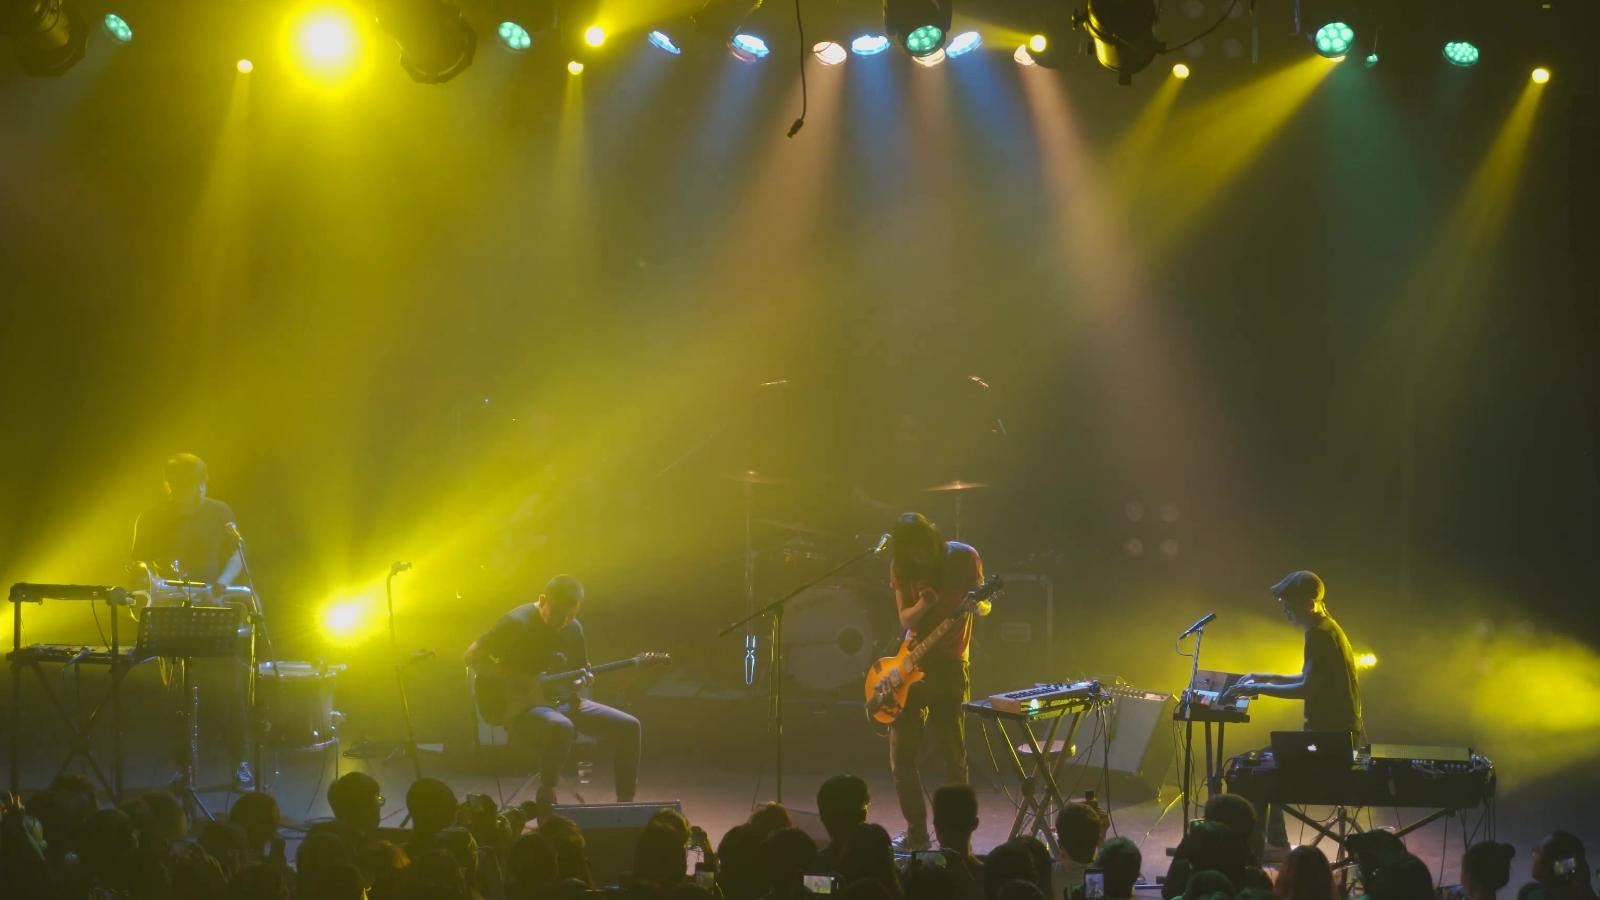 惘闻全国巡演杭州MAO live house  完整版2020.11.18  4K超清